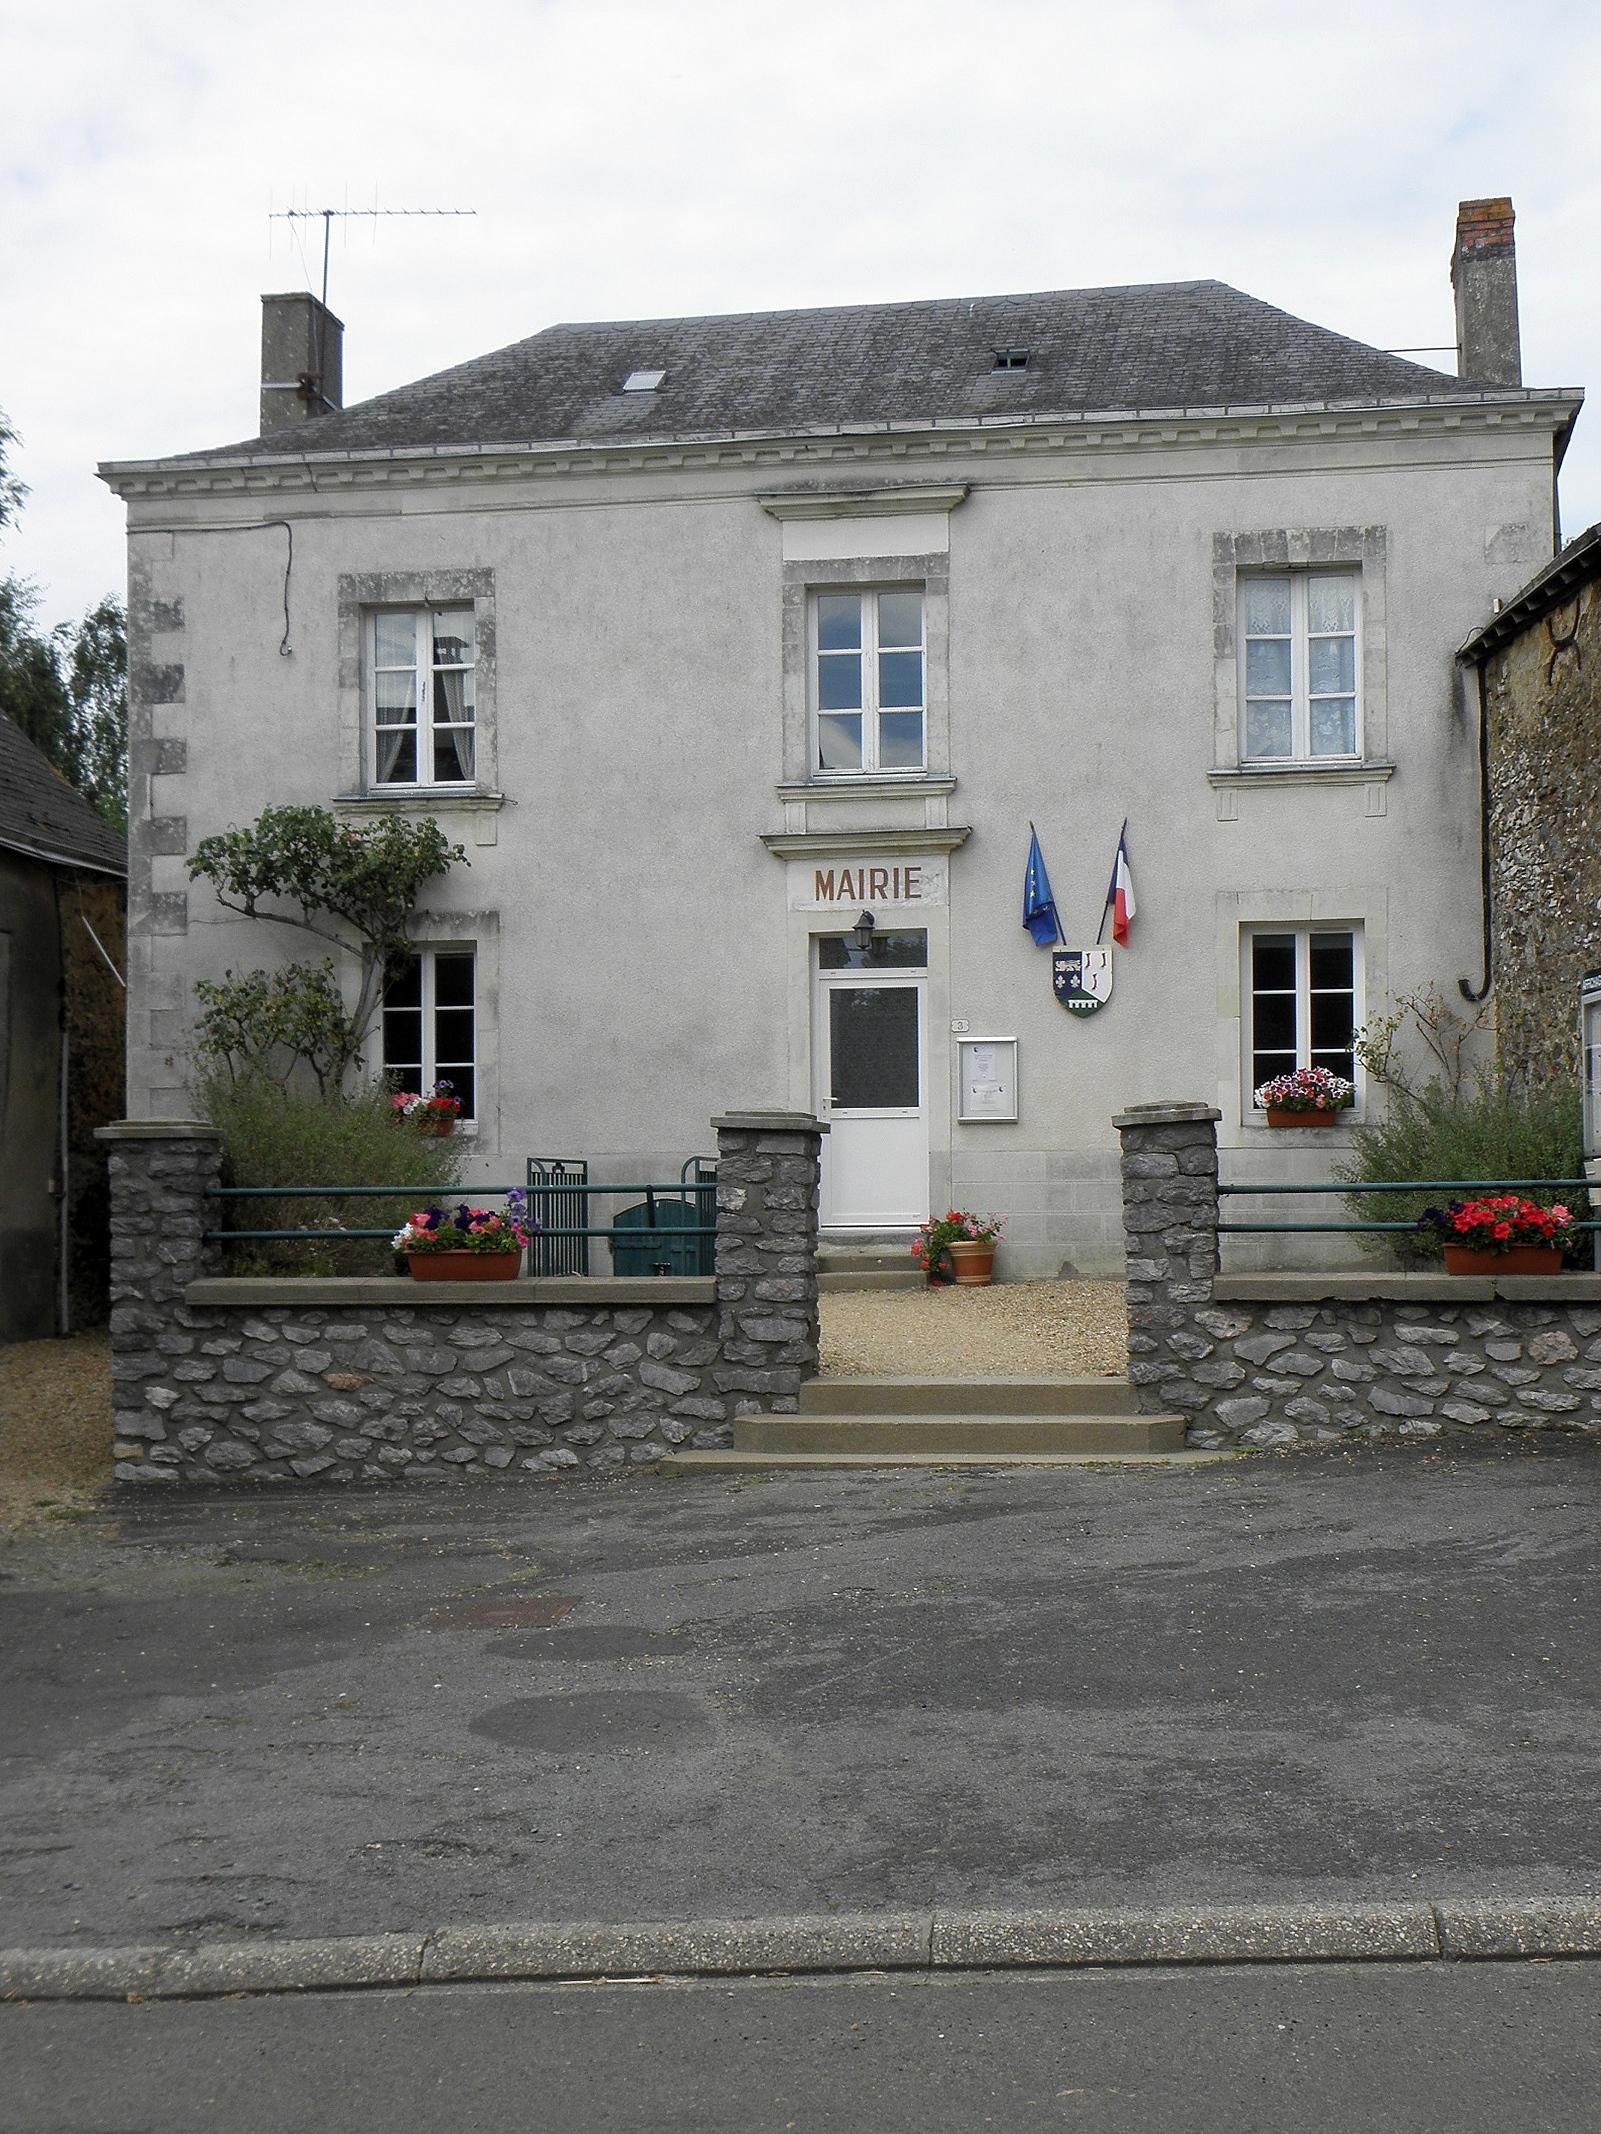 Beaumont-Pied-de-Bœuf, Mayenne